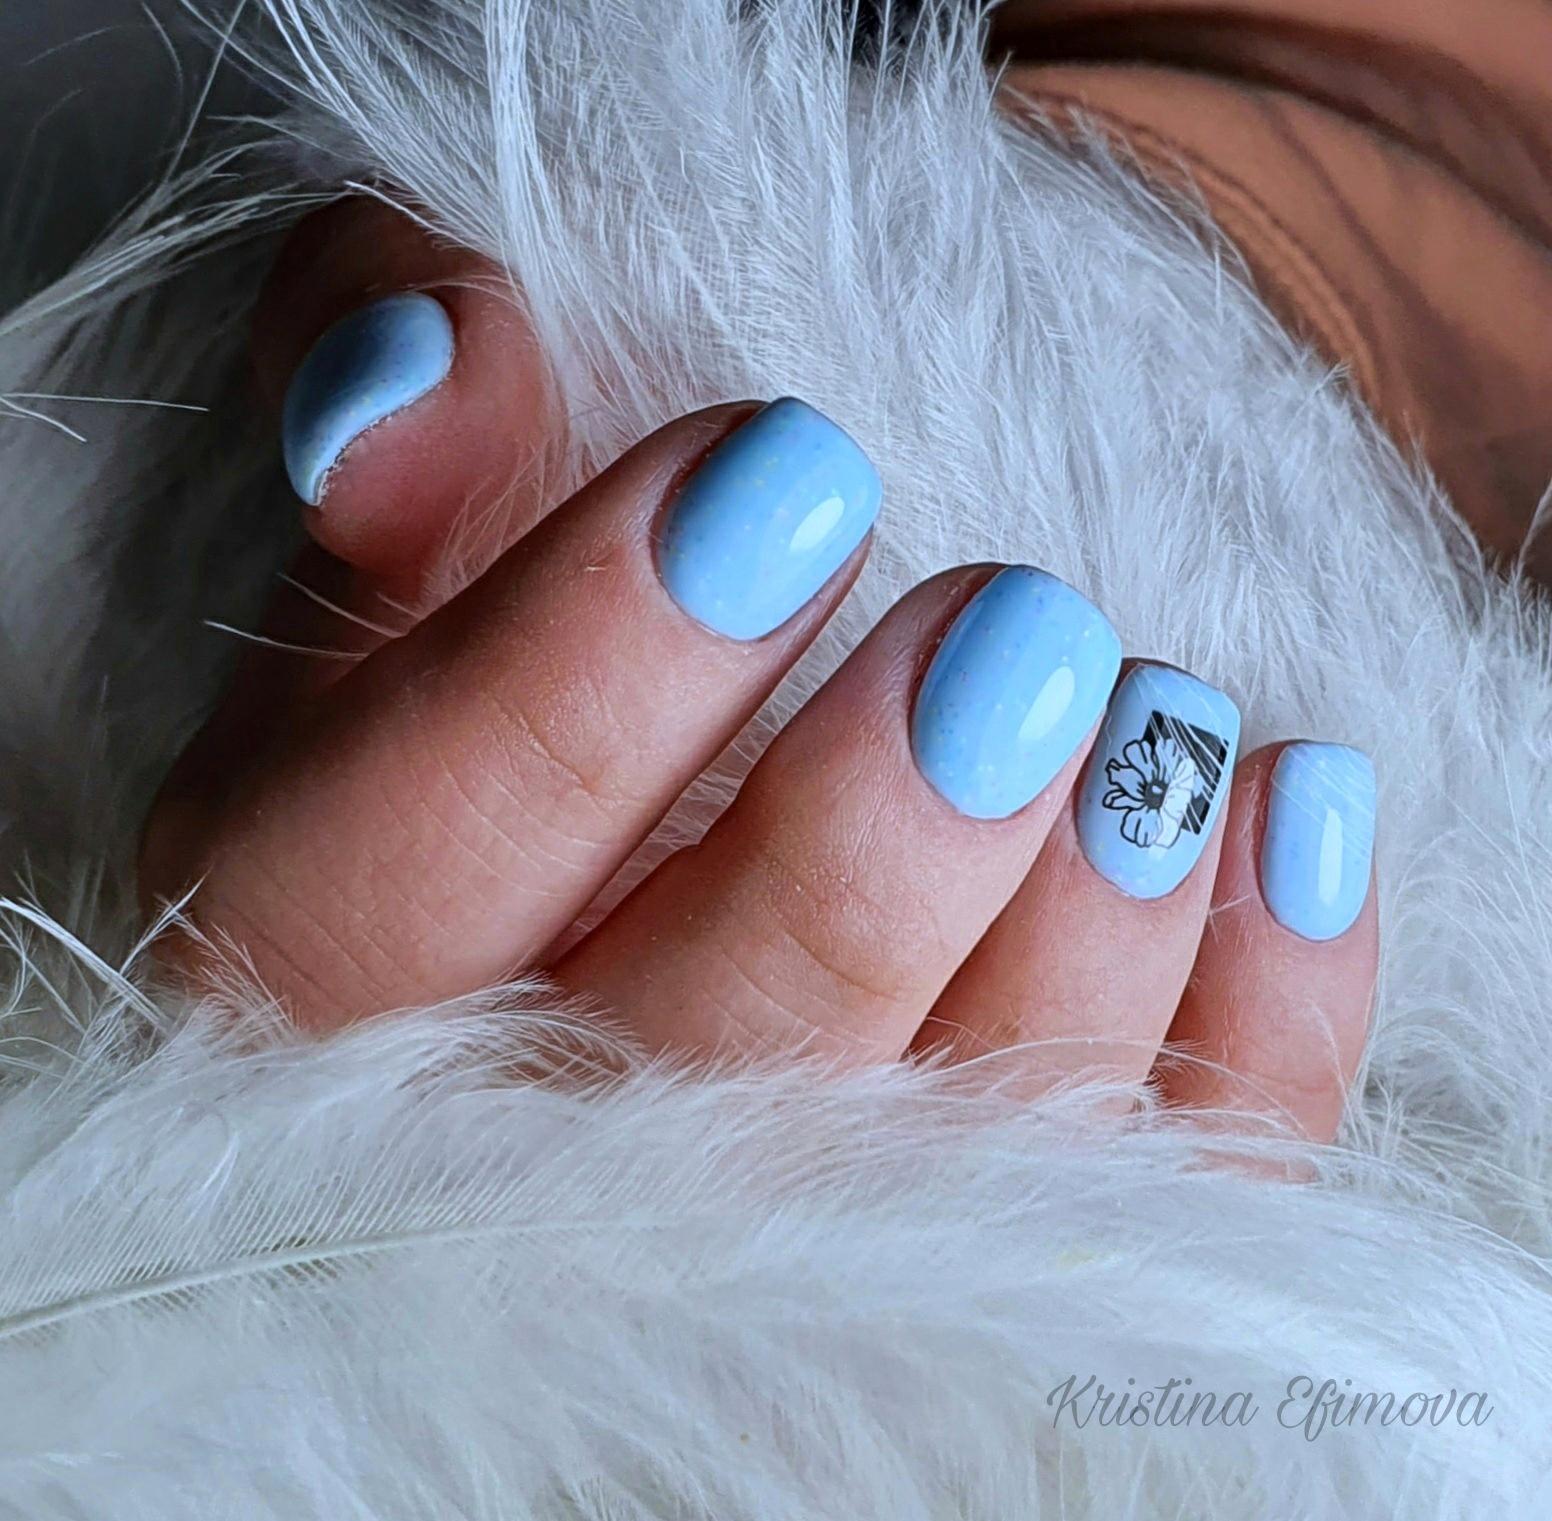 Маникюр с цветочным слайдером в голубом цвете на короткие ногти.